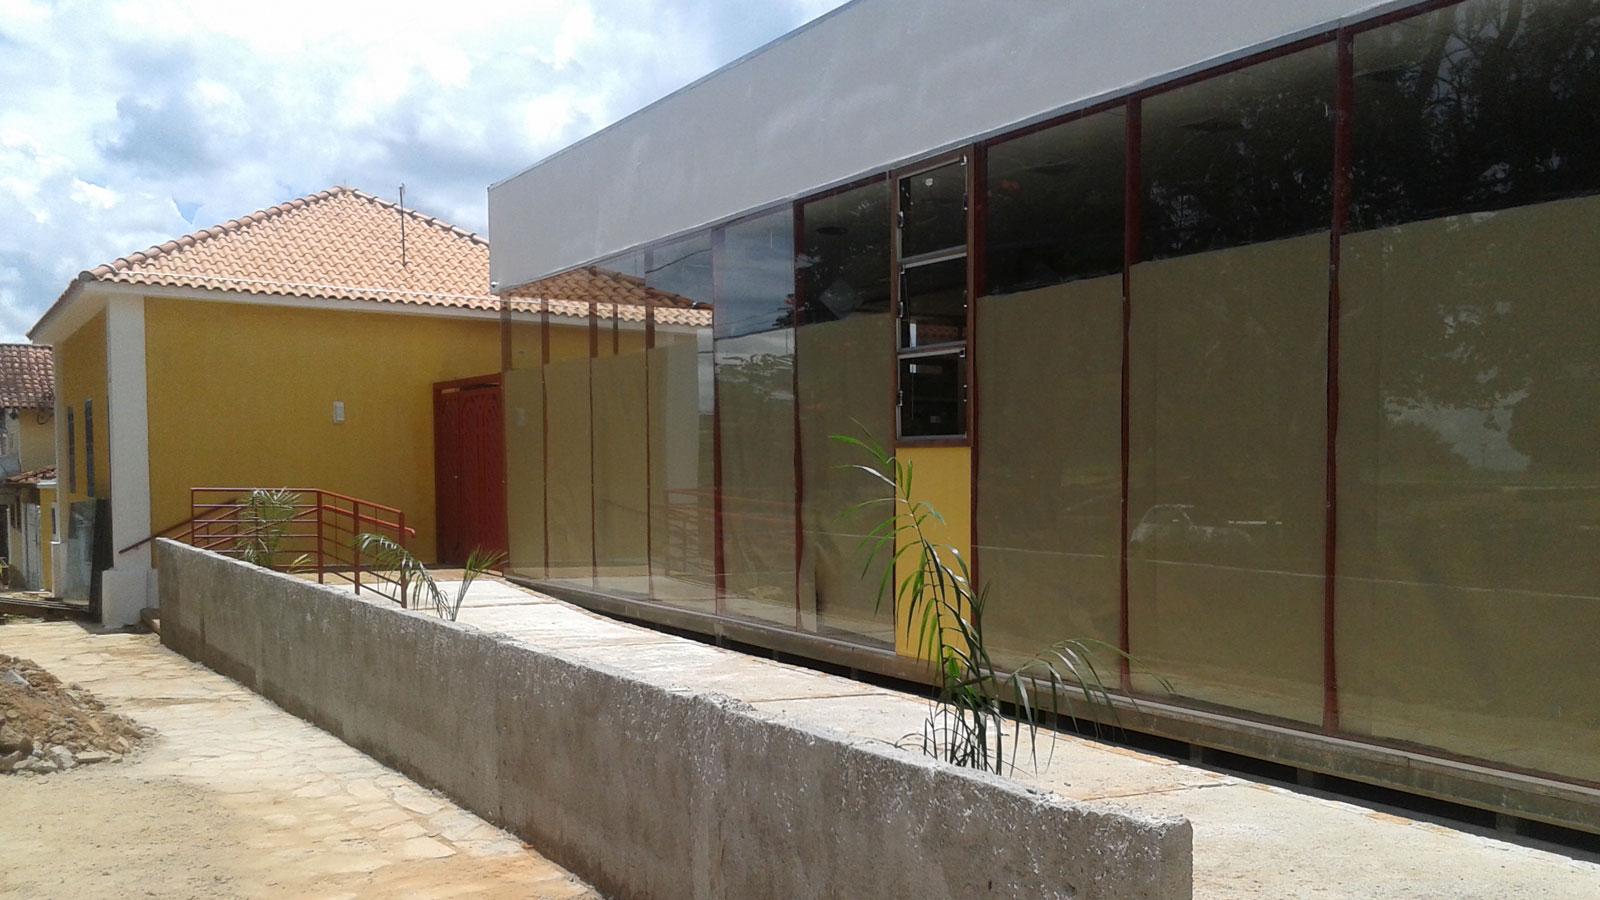 faculdade-keppe-pacheco-paredes-de-vidro-biblioteca-vista-externa